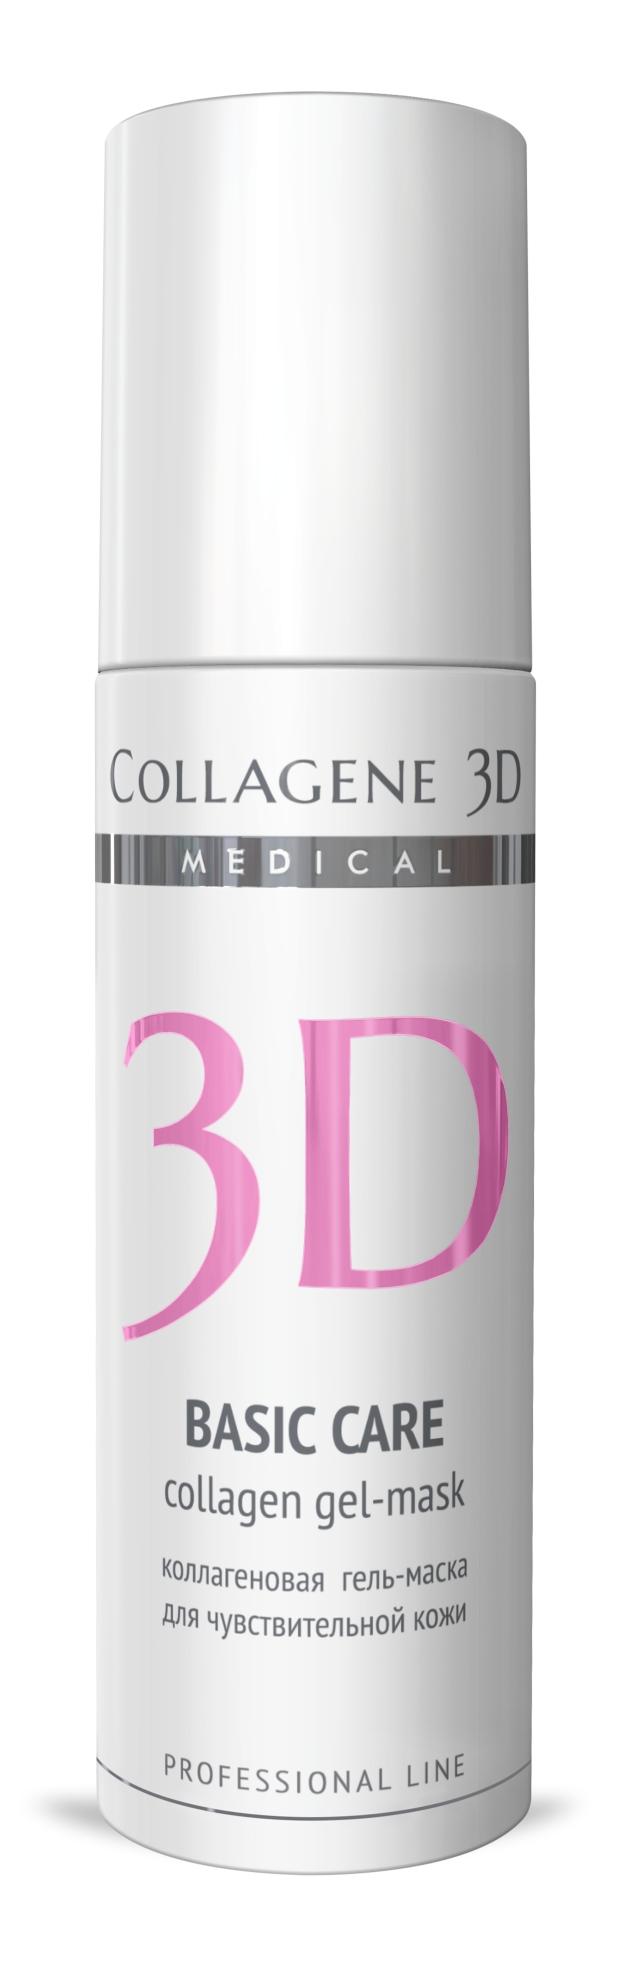 MEDICAL COLLAGENE 3D Гель-маска коллагеновая чистый коллаген Basic Care 130мл проф.Маски<br>Гель-маска предназначена для работы с чувствительной кожей, подходит для проведения самостоятельной процедуры, а также, в виду своей нейтральности, хорошо сочетается с другими способами активного ухода. Нативный трехспиральный коллаген способствует насыщению глубоких слоев кожи молекулами воды, ускоряет регенерацию тканей, повышает тургор и эластичность, разглаживает морщины, стимулирует процессы обновления. Необходимо отметить универсальность этого средства: область его применения широка и не имеет возрастных ограничений. Гель-маску можно использовать в качестве проводящего геля в аппаратных процедурах (фонофорез, микротоки), для массажа, в качестве дополнительного питательного компонента под коллагеновые аппликаторы BIOCOMFORT, альгинатные маски или обертывания. Сочетание с аппаратным методом дополнительно увеличивает проникновение коллагена на 50%, таким образом, мы получаем не только контактный гель, но и усиление эффекта процедуры. Гель-маска биполярна, что делает ее применение максимально удобным для косметолога. Активные ингредиенты: нативный трехспиральный коллаген. Способ применения: косметическая маска: очистить кожу косметическим молочком MILKY FRESH и тонизировать фитотоником NATURAL FRESH. Сделать пилинг, если потребуется. Нанести гель-маску на кожу тонким слоем. Сразу после того, как гель впитается, увлажнить кожу водой и поверх первого слоя нанести второй слой гель-маски. Время экспликации 5-15 минут (в зависимости от степени влажности помещения и особенностей кожи клиента, гель-маска может впитываться очень быстро). Если после полного поглощения кожей гель-маски останется чувство стянутости, следует удалить остатки микрослоя гель-маски при помощи фитотоника NATURAL FRESH. Нанести средство ухода за кожей век и крем MEDICAL COLLAGENE 3D по выбору косметолога.<br><br>Объем: 130<br>Типы кожи: Чувствительная<br>Назначение: Морщины